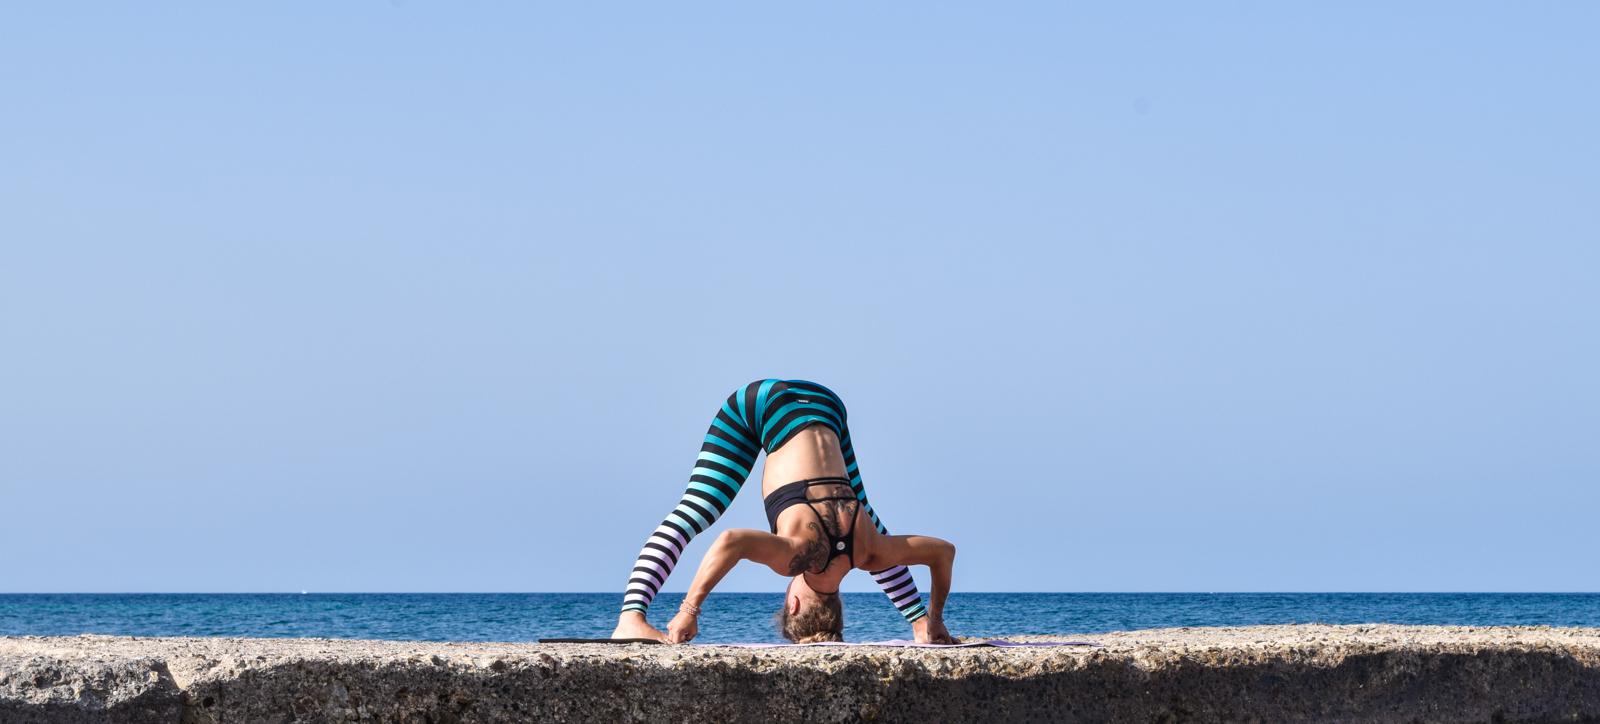 Eva Yoga - Sardinia - Small-2.jpg